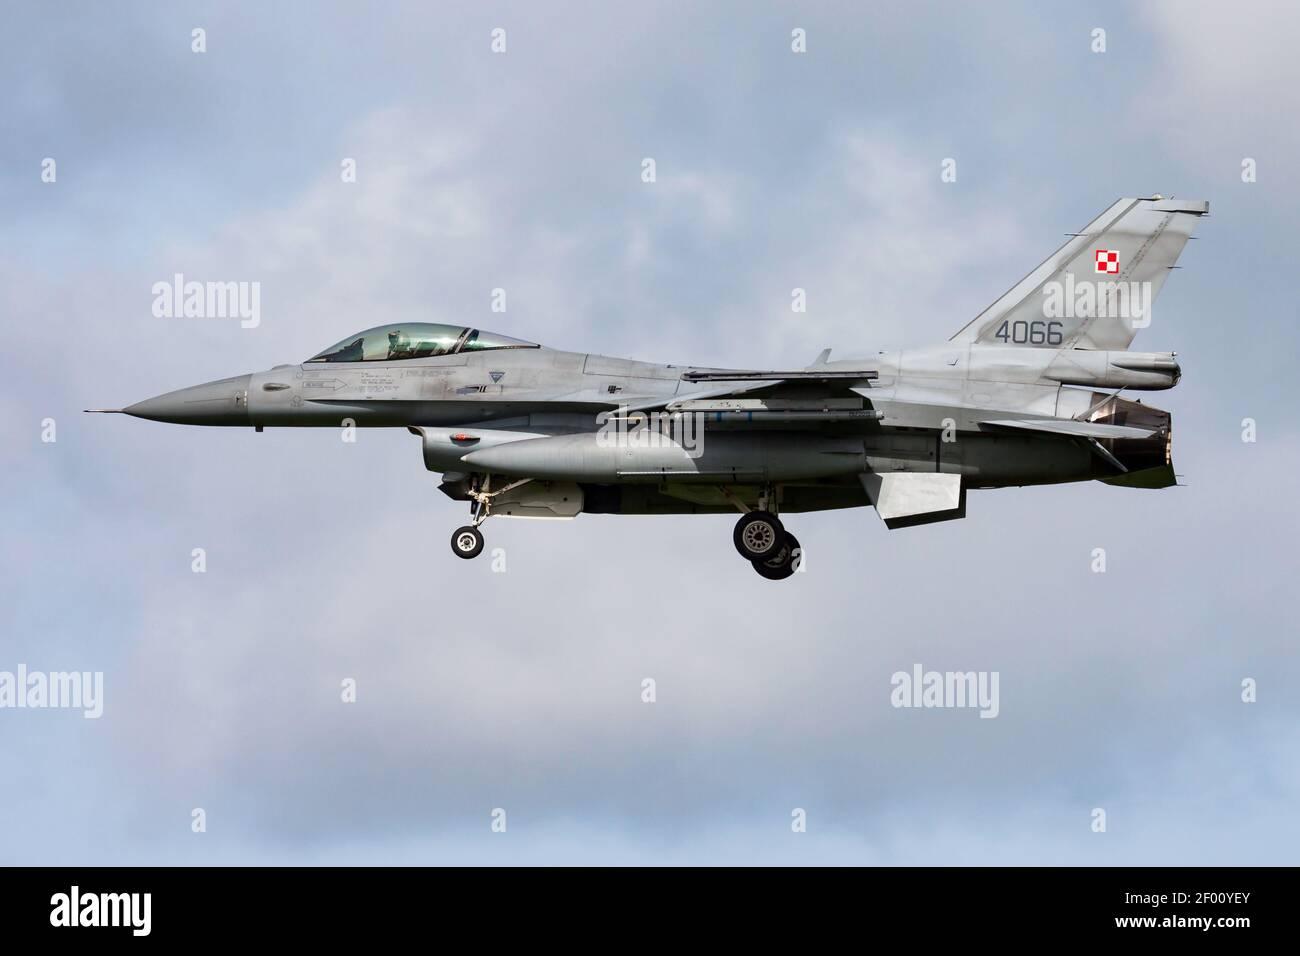 L'armée de l'air polonaise Lockheed Martin F-16C combat le combattant du Falcon 4066 Arrivée et atterrissage en avion à la base aérienne de Leeuwarden pour Frison Drapeau 2015 exercice aérien Banque D'Images